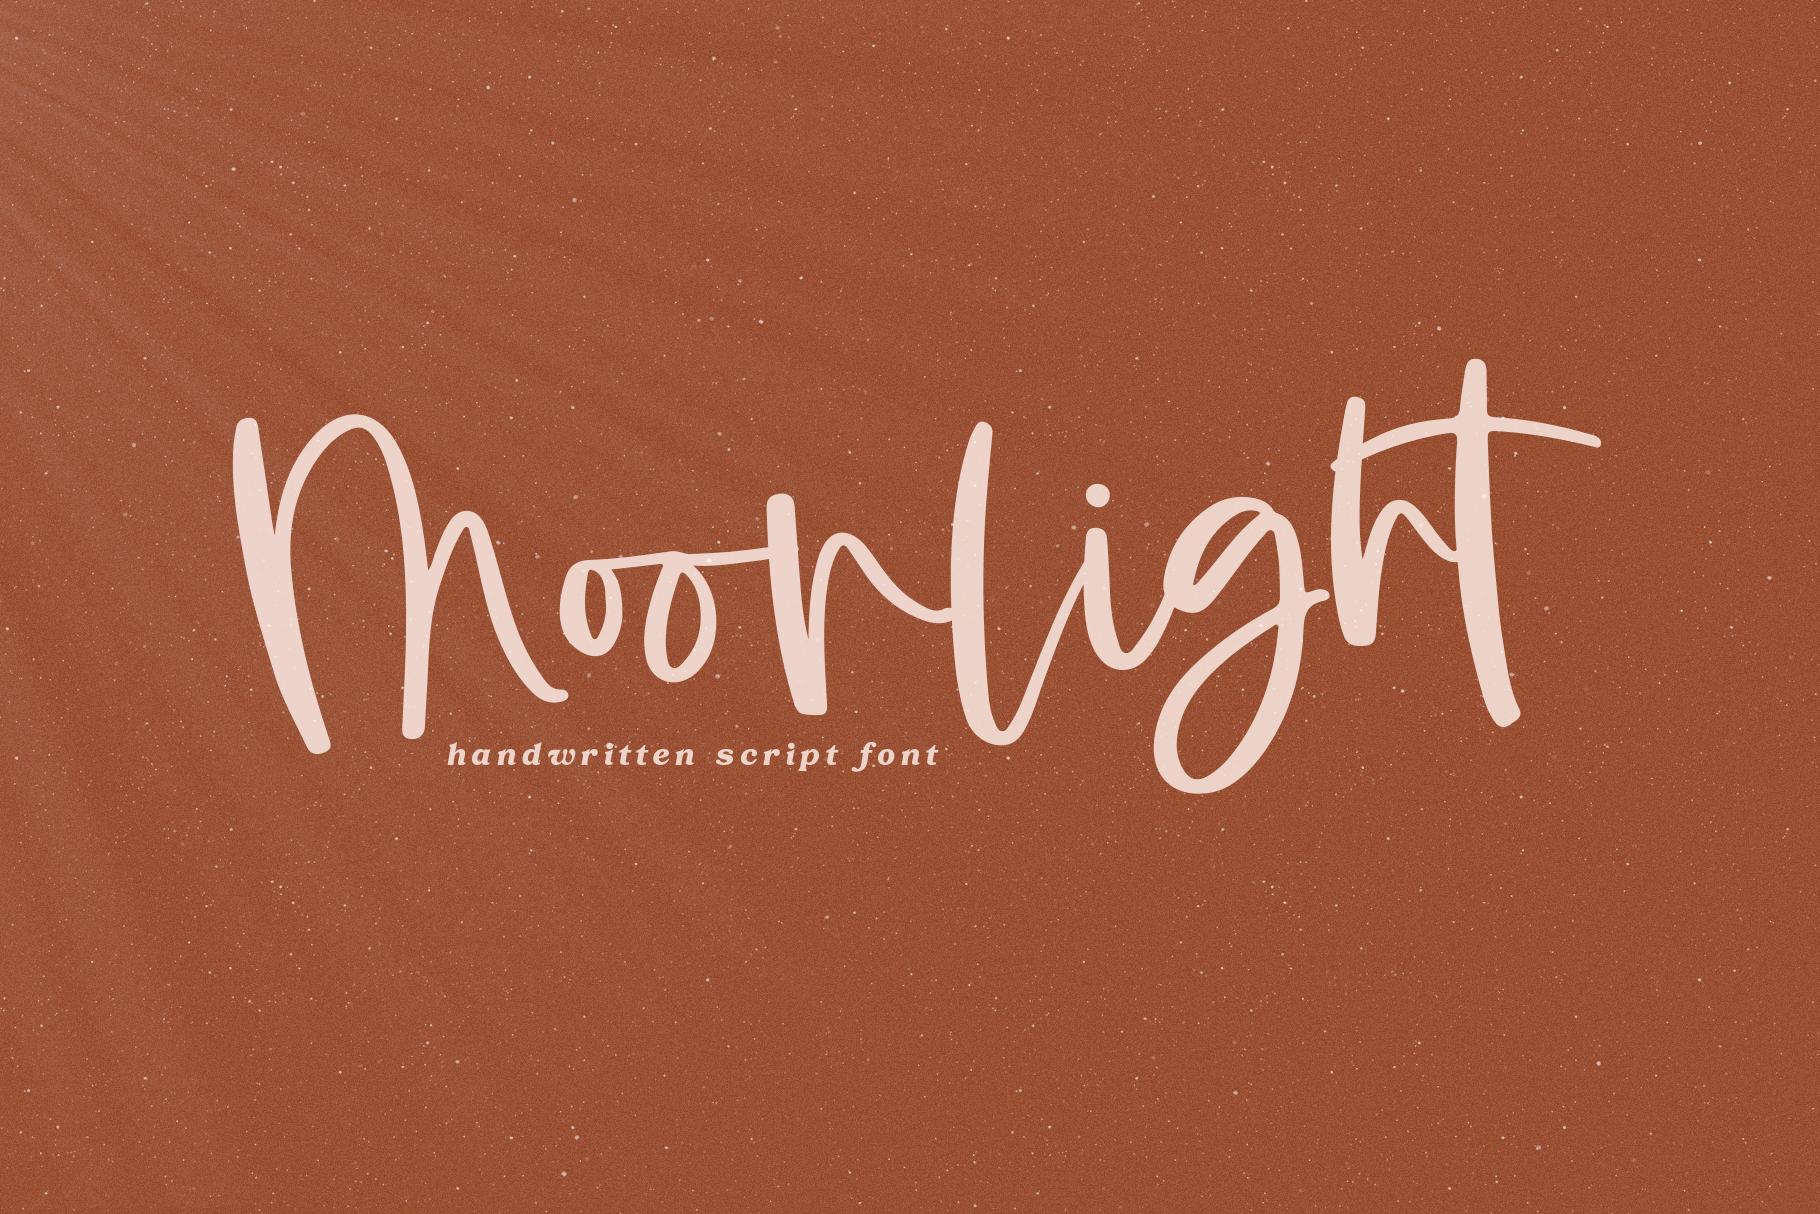 Moonlight - A Handwritten Script Font example image 1